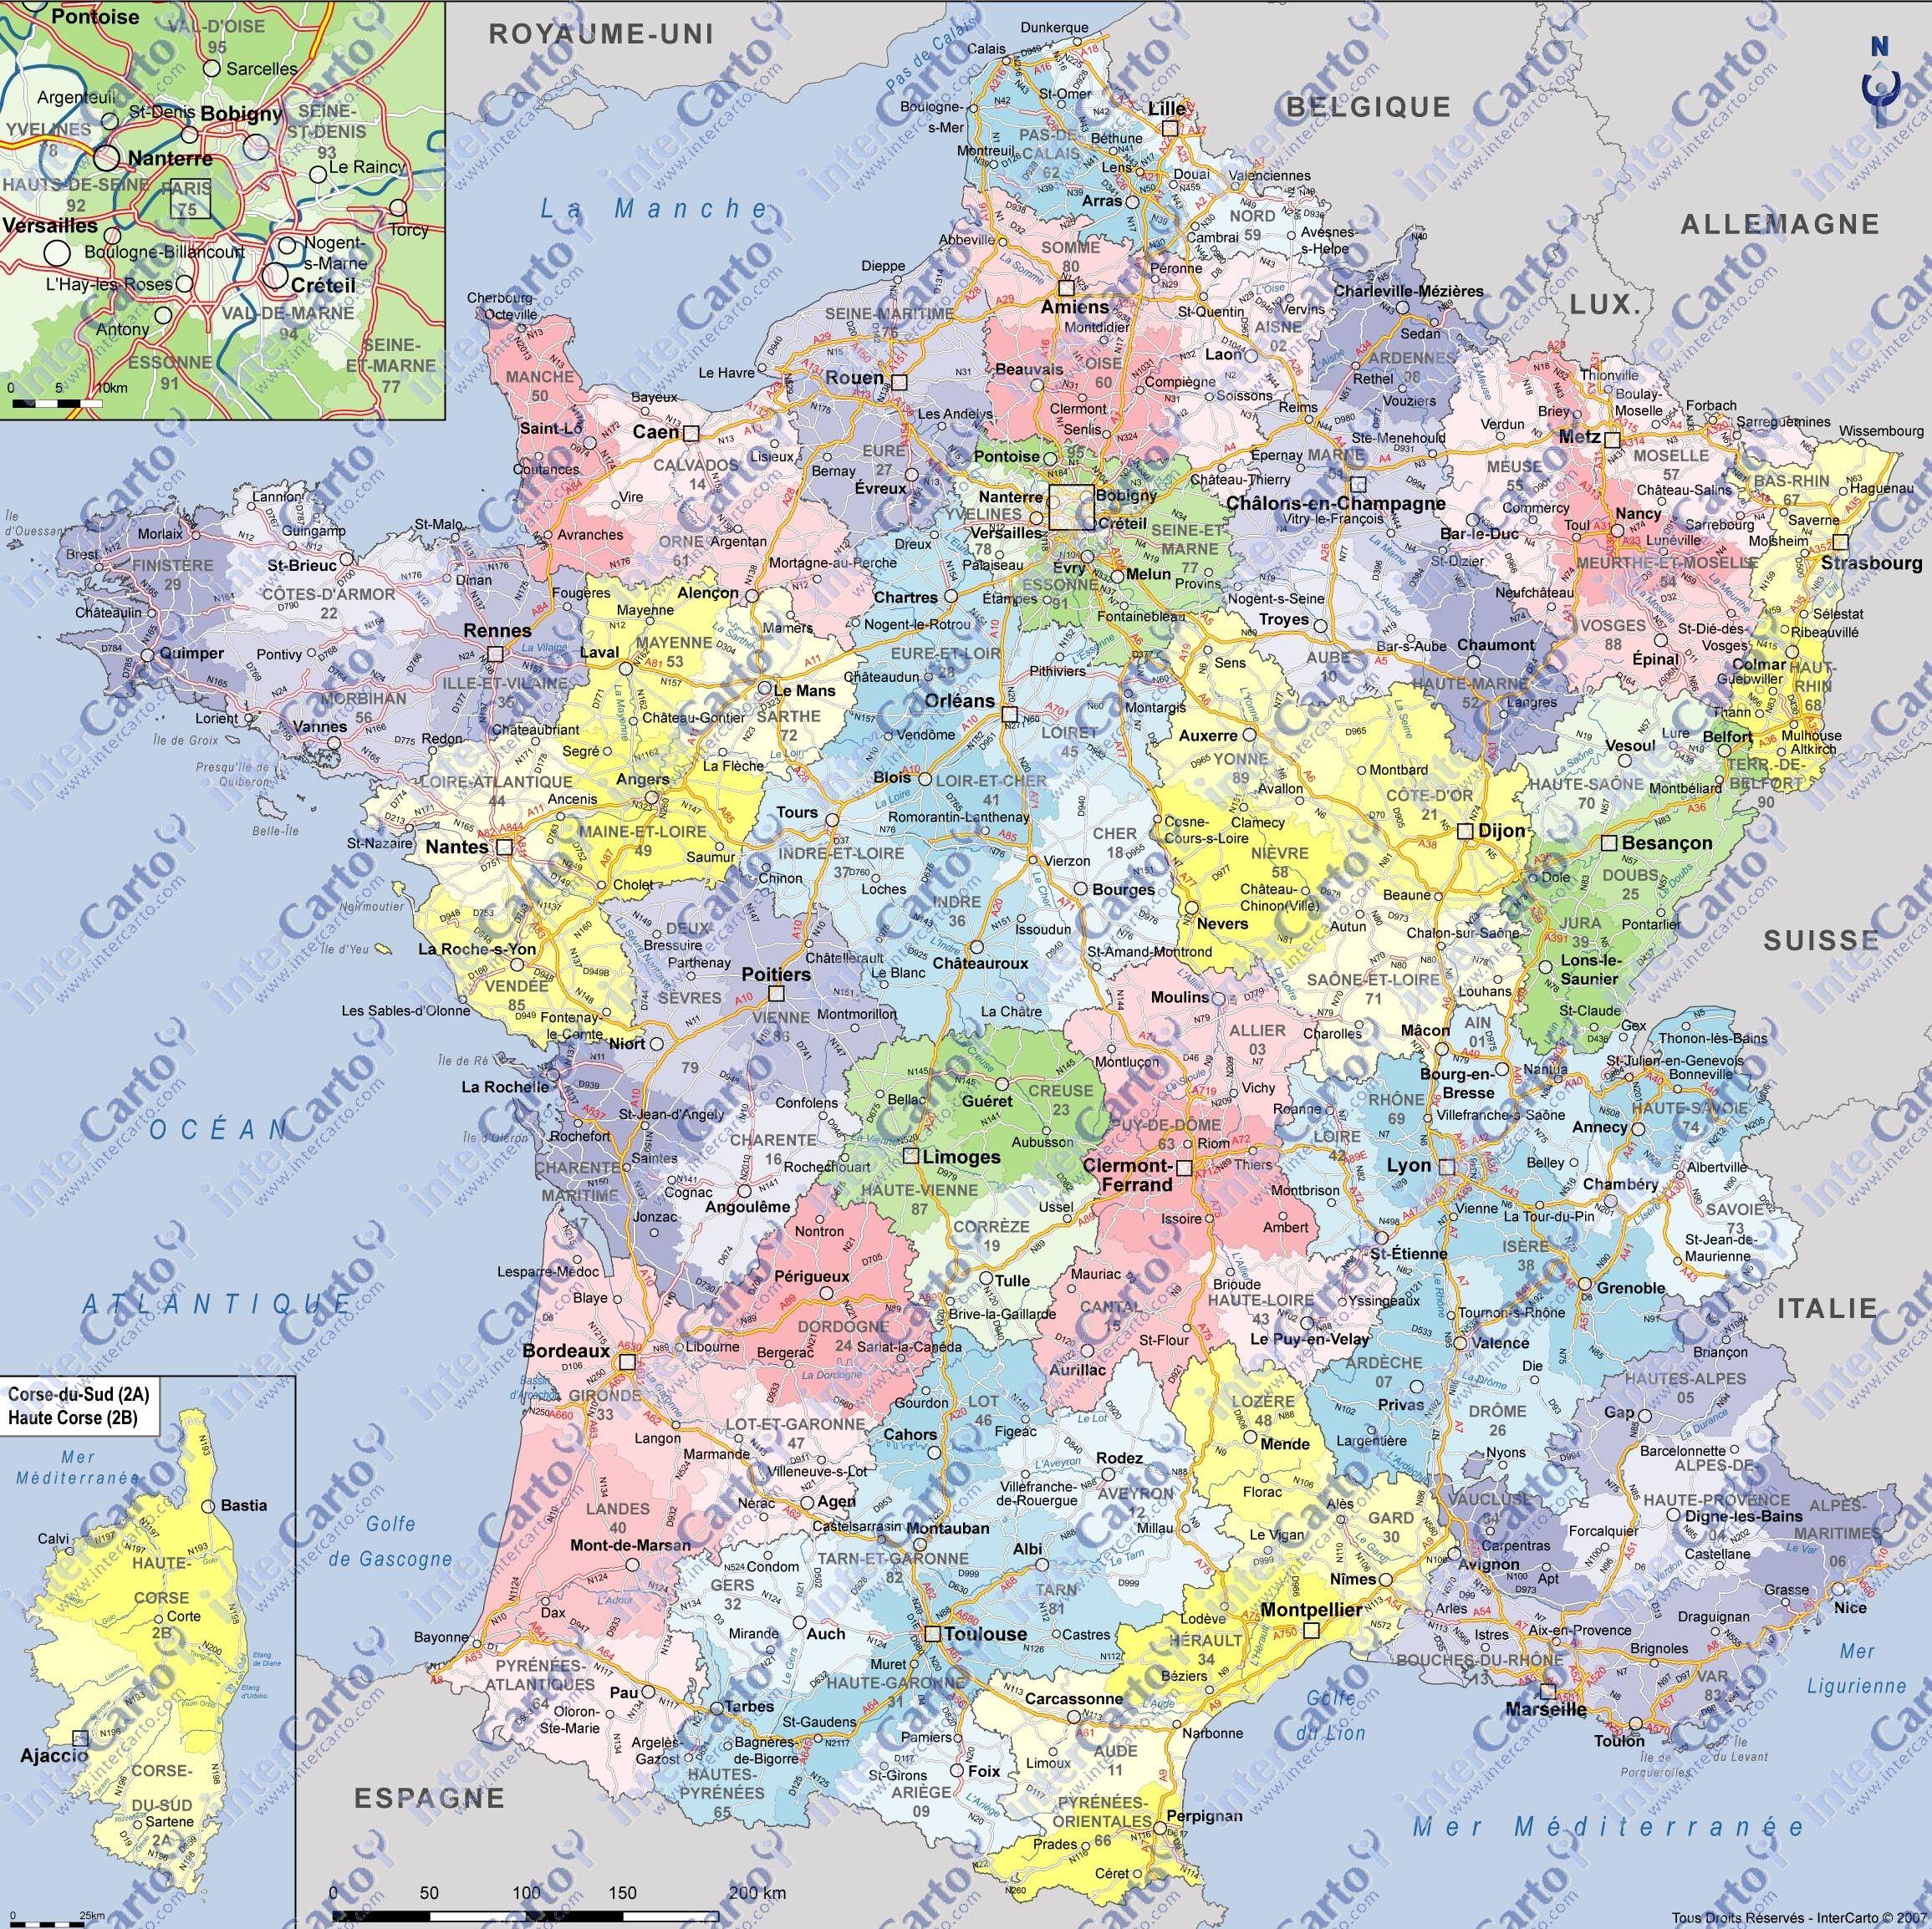 Carte De France Départements Villes Et Régions | Arts Et dedans Carte De La France Avec Les Régions